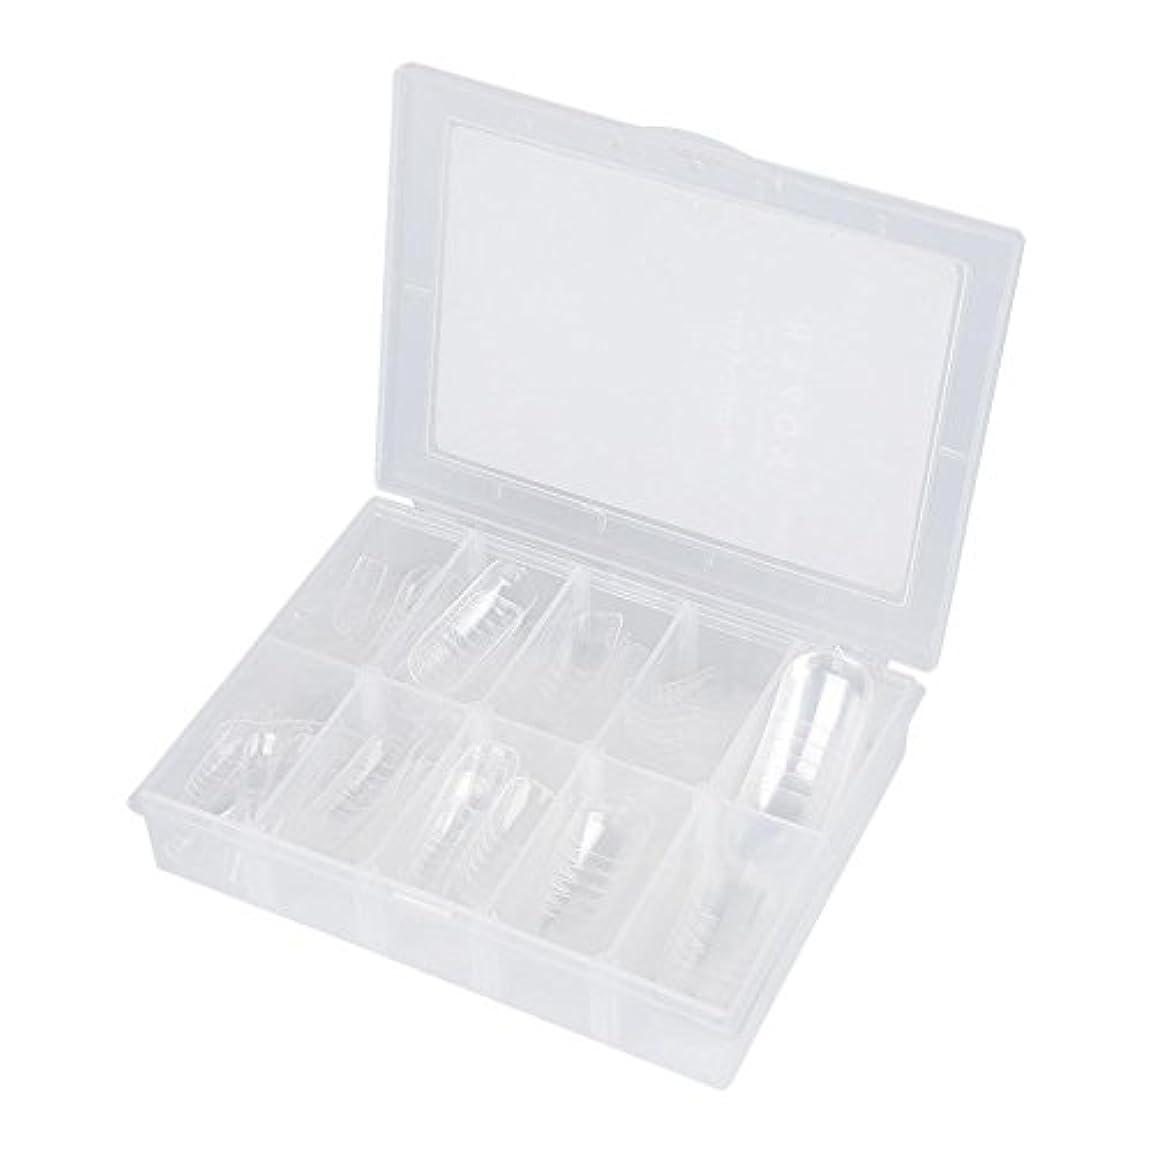 適切にでも牧草地ネイルチップ - Delaman つけ爪、クリア、透明、120枚入れ